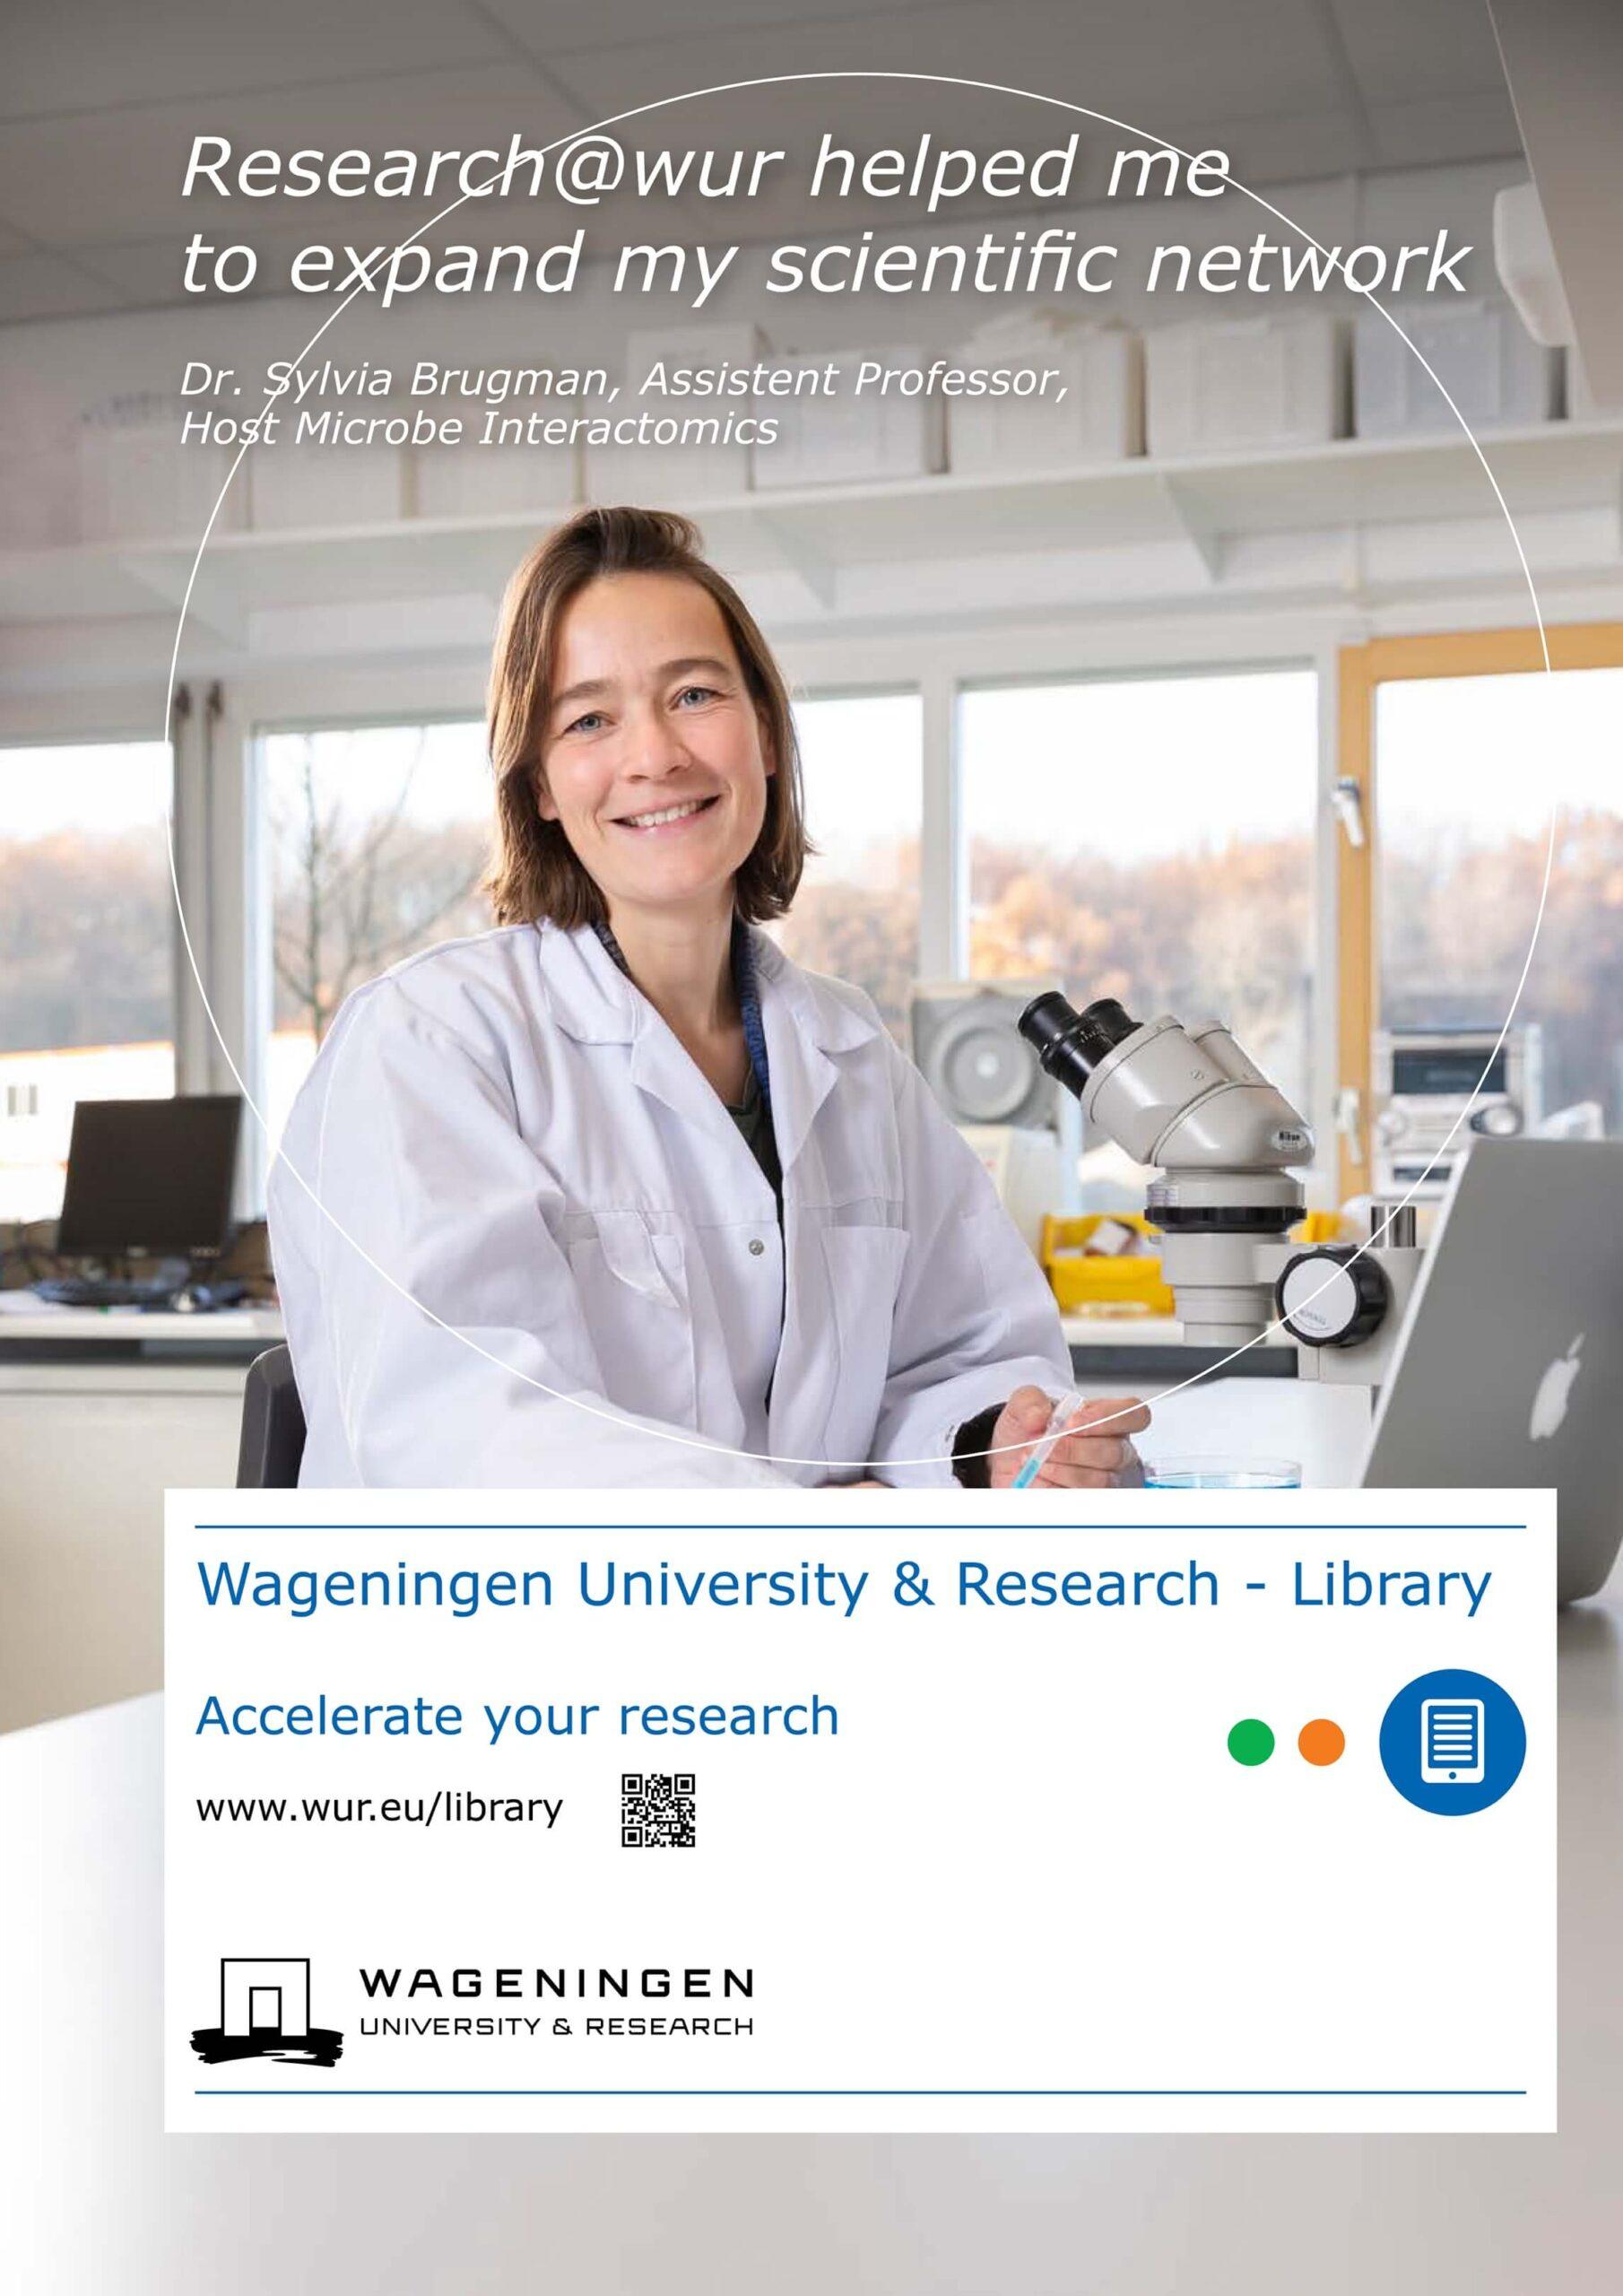 portret onderzoeker Poeles Fotografie campagne beelden Wageningen University & Research Library locatie universiteit bibliotheek testimonial WUR